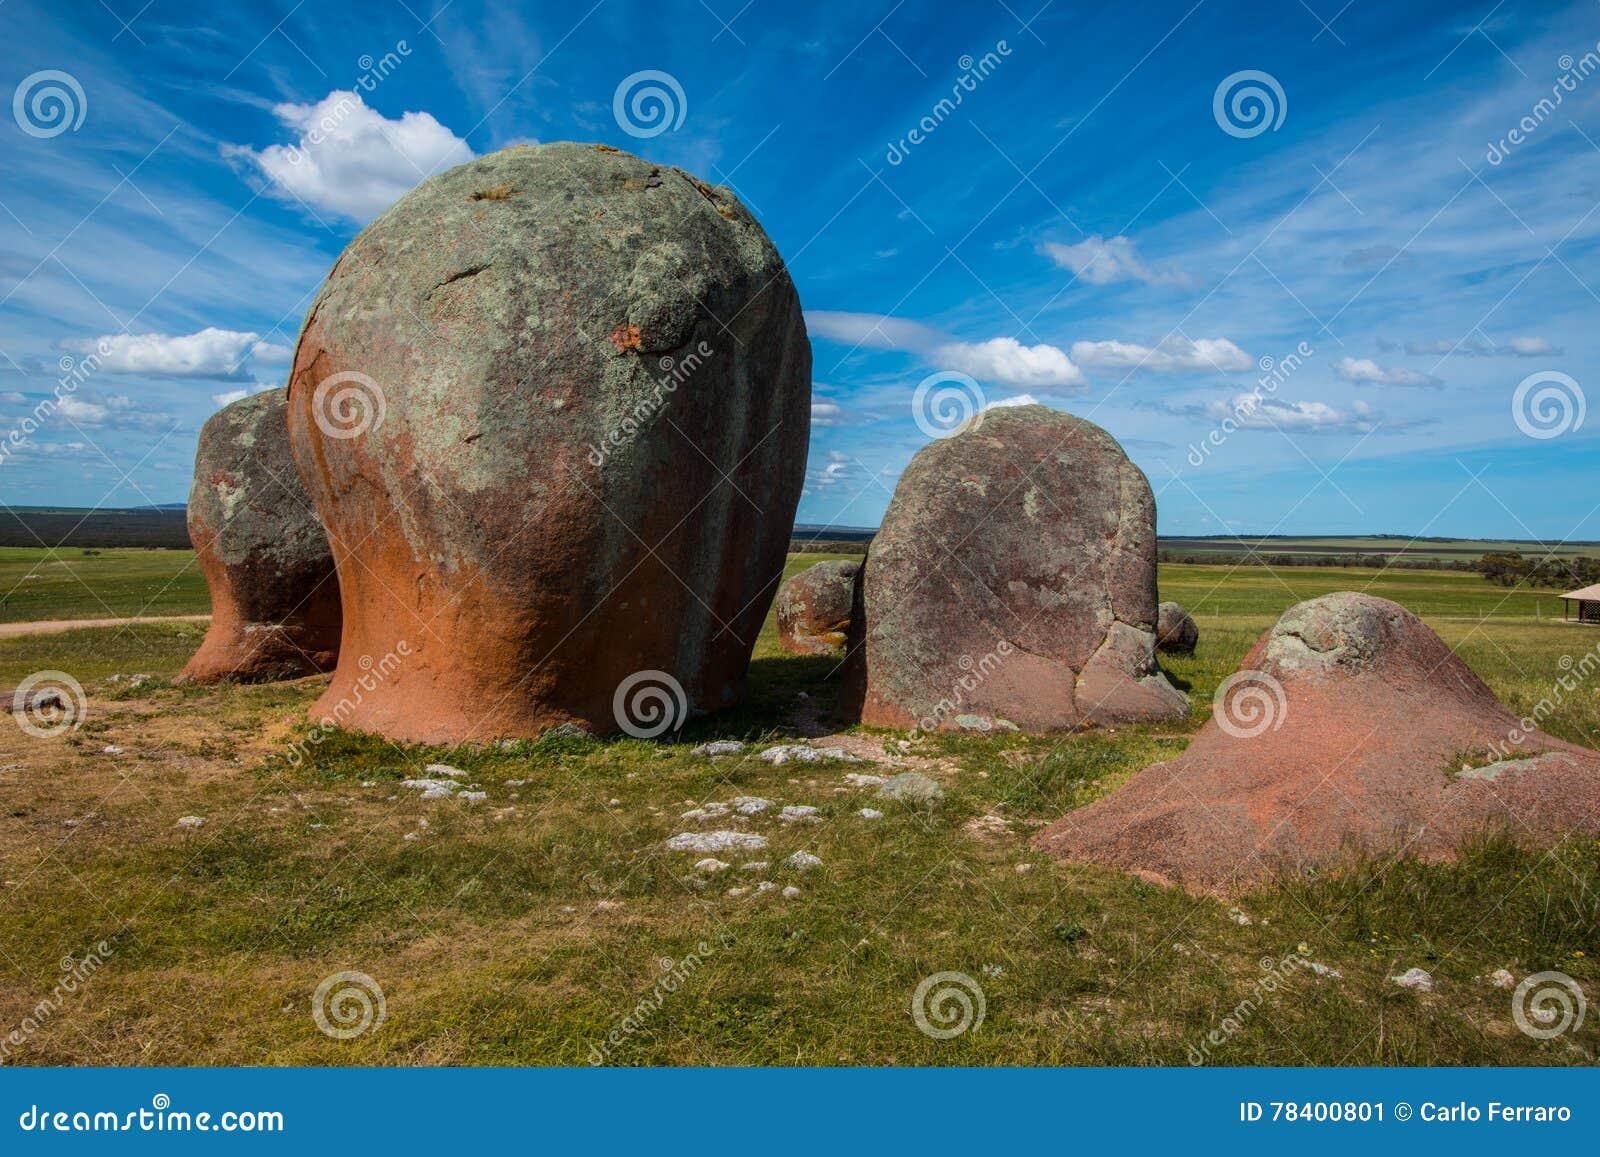 Granite inselberg